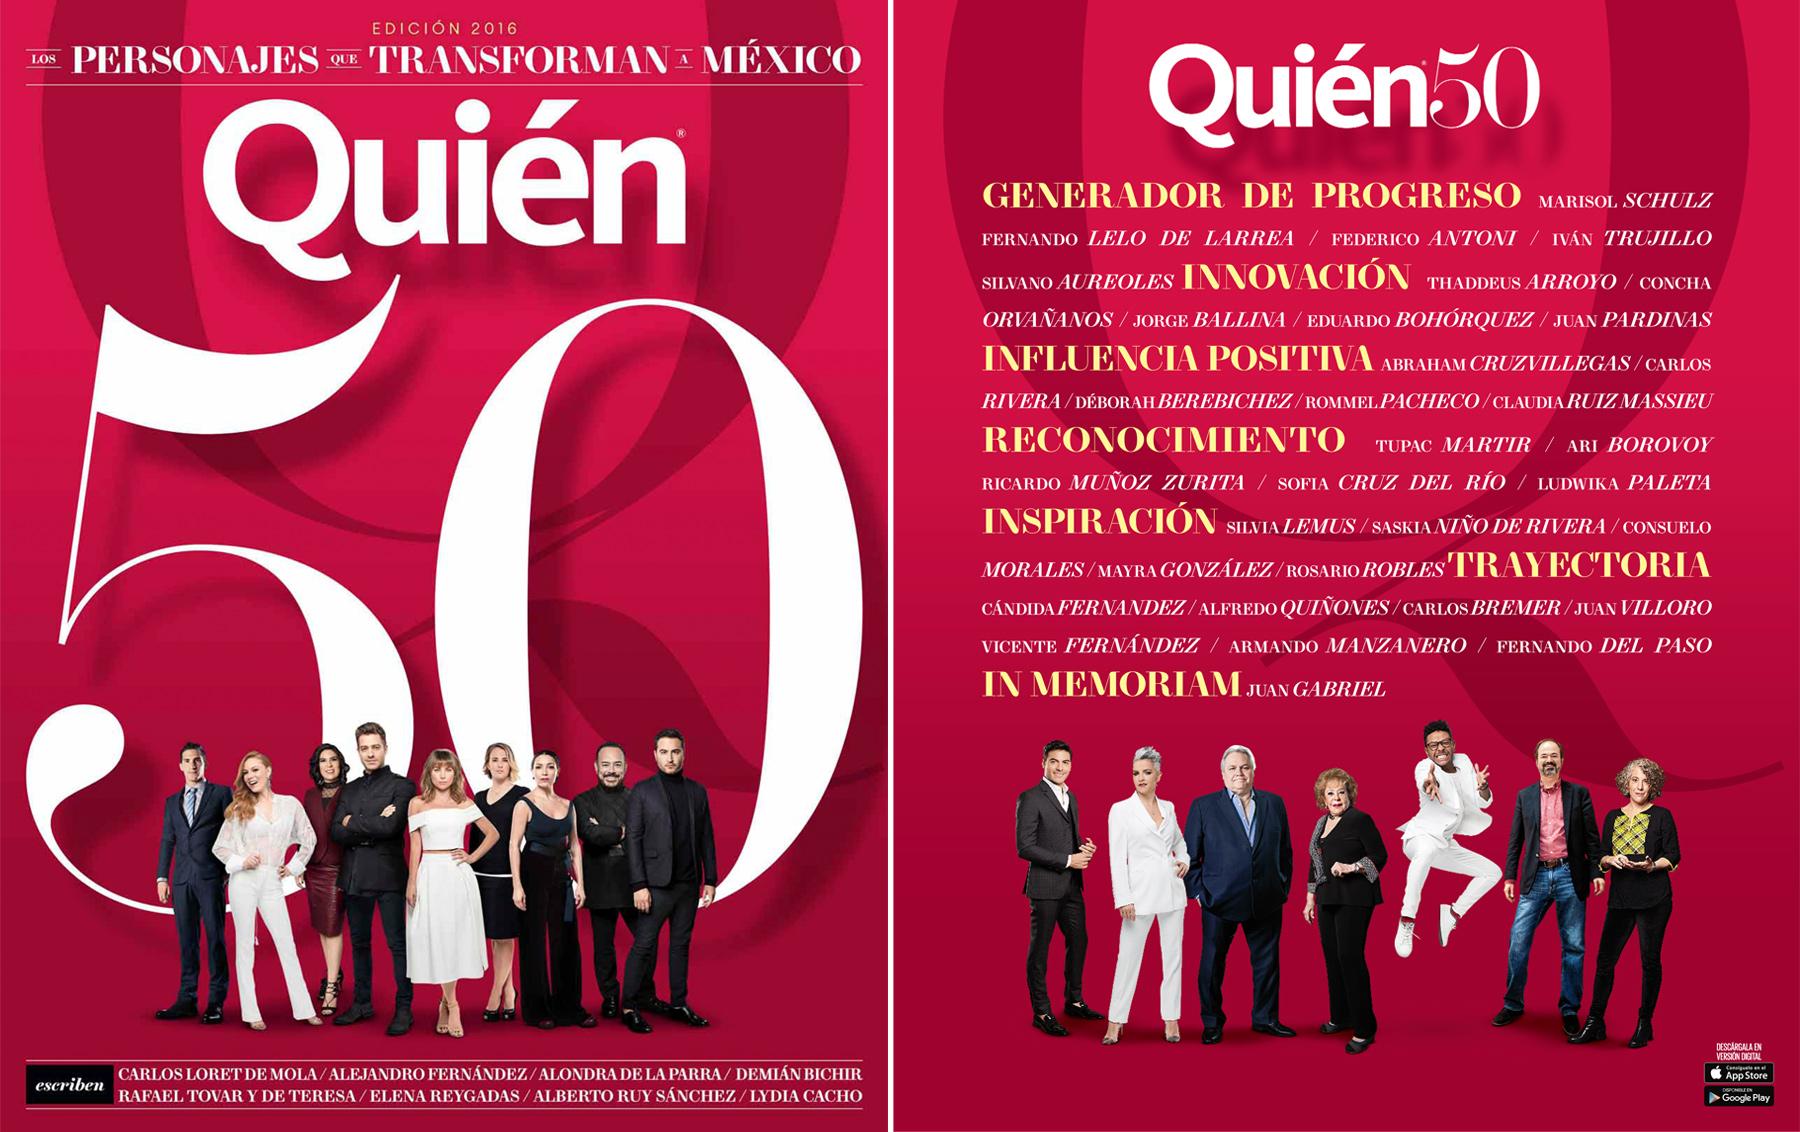 Quién 50: Los personajes que transforman a México